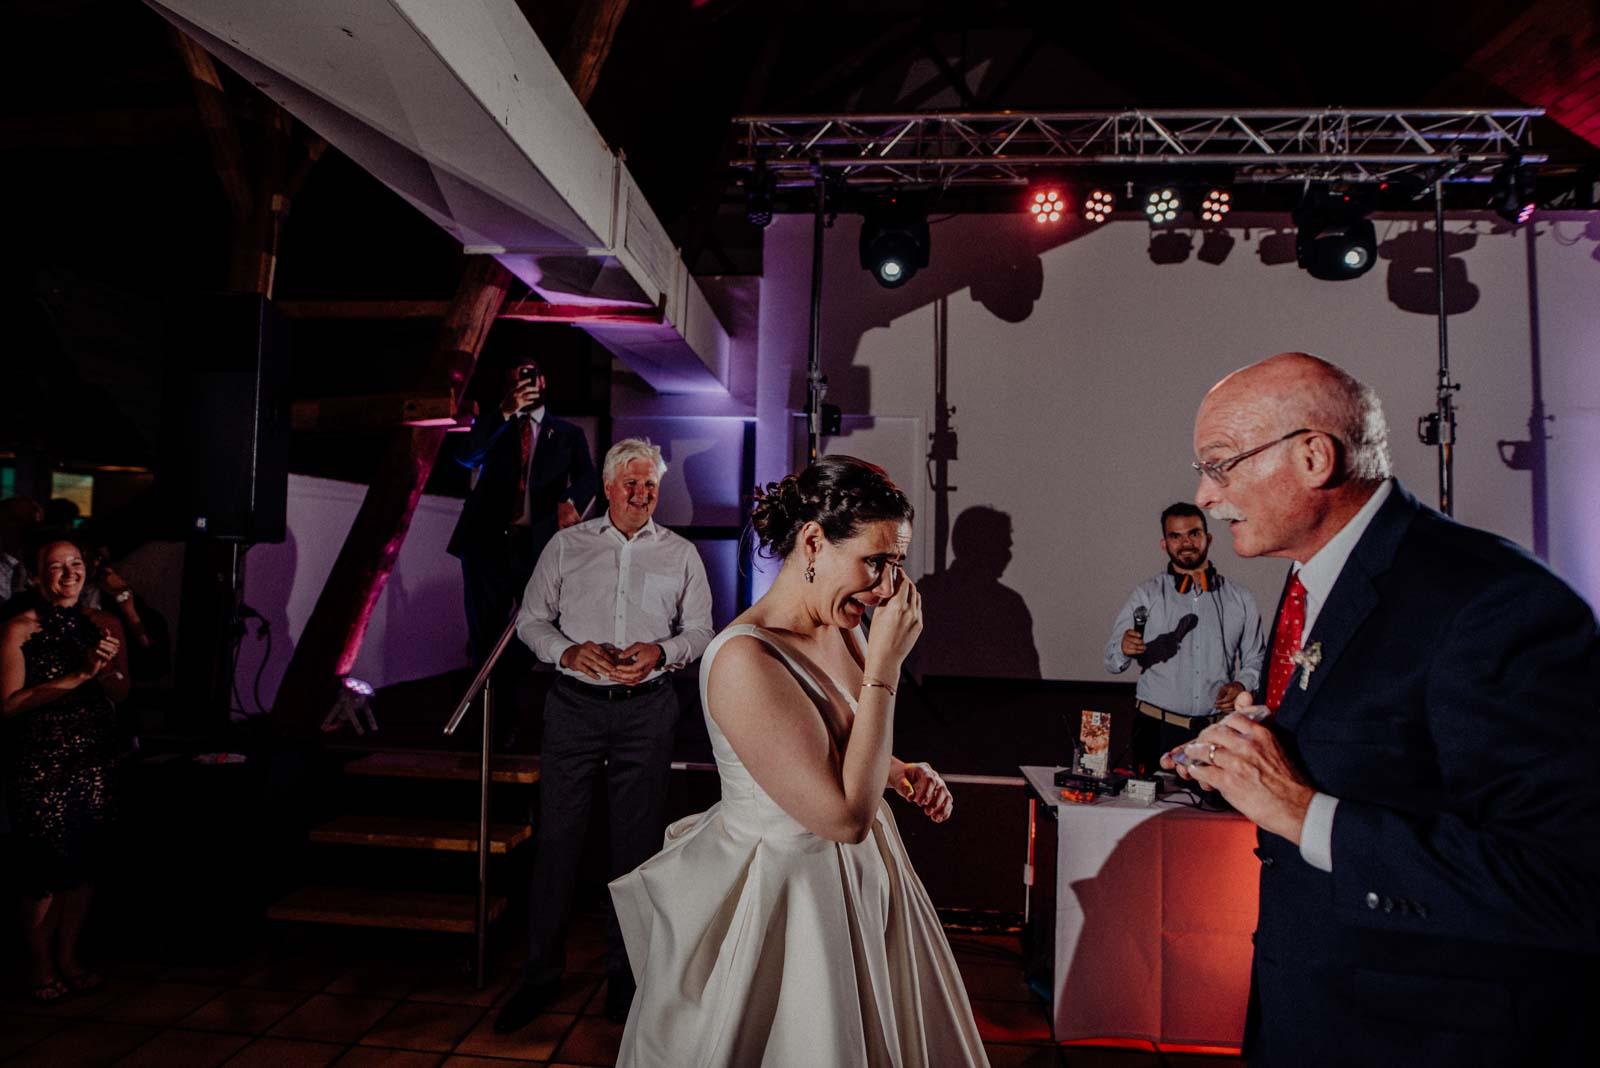 Brautvater ueberreicht seiner Tochter ruehrendes Geschenk